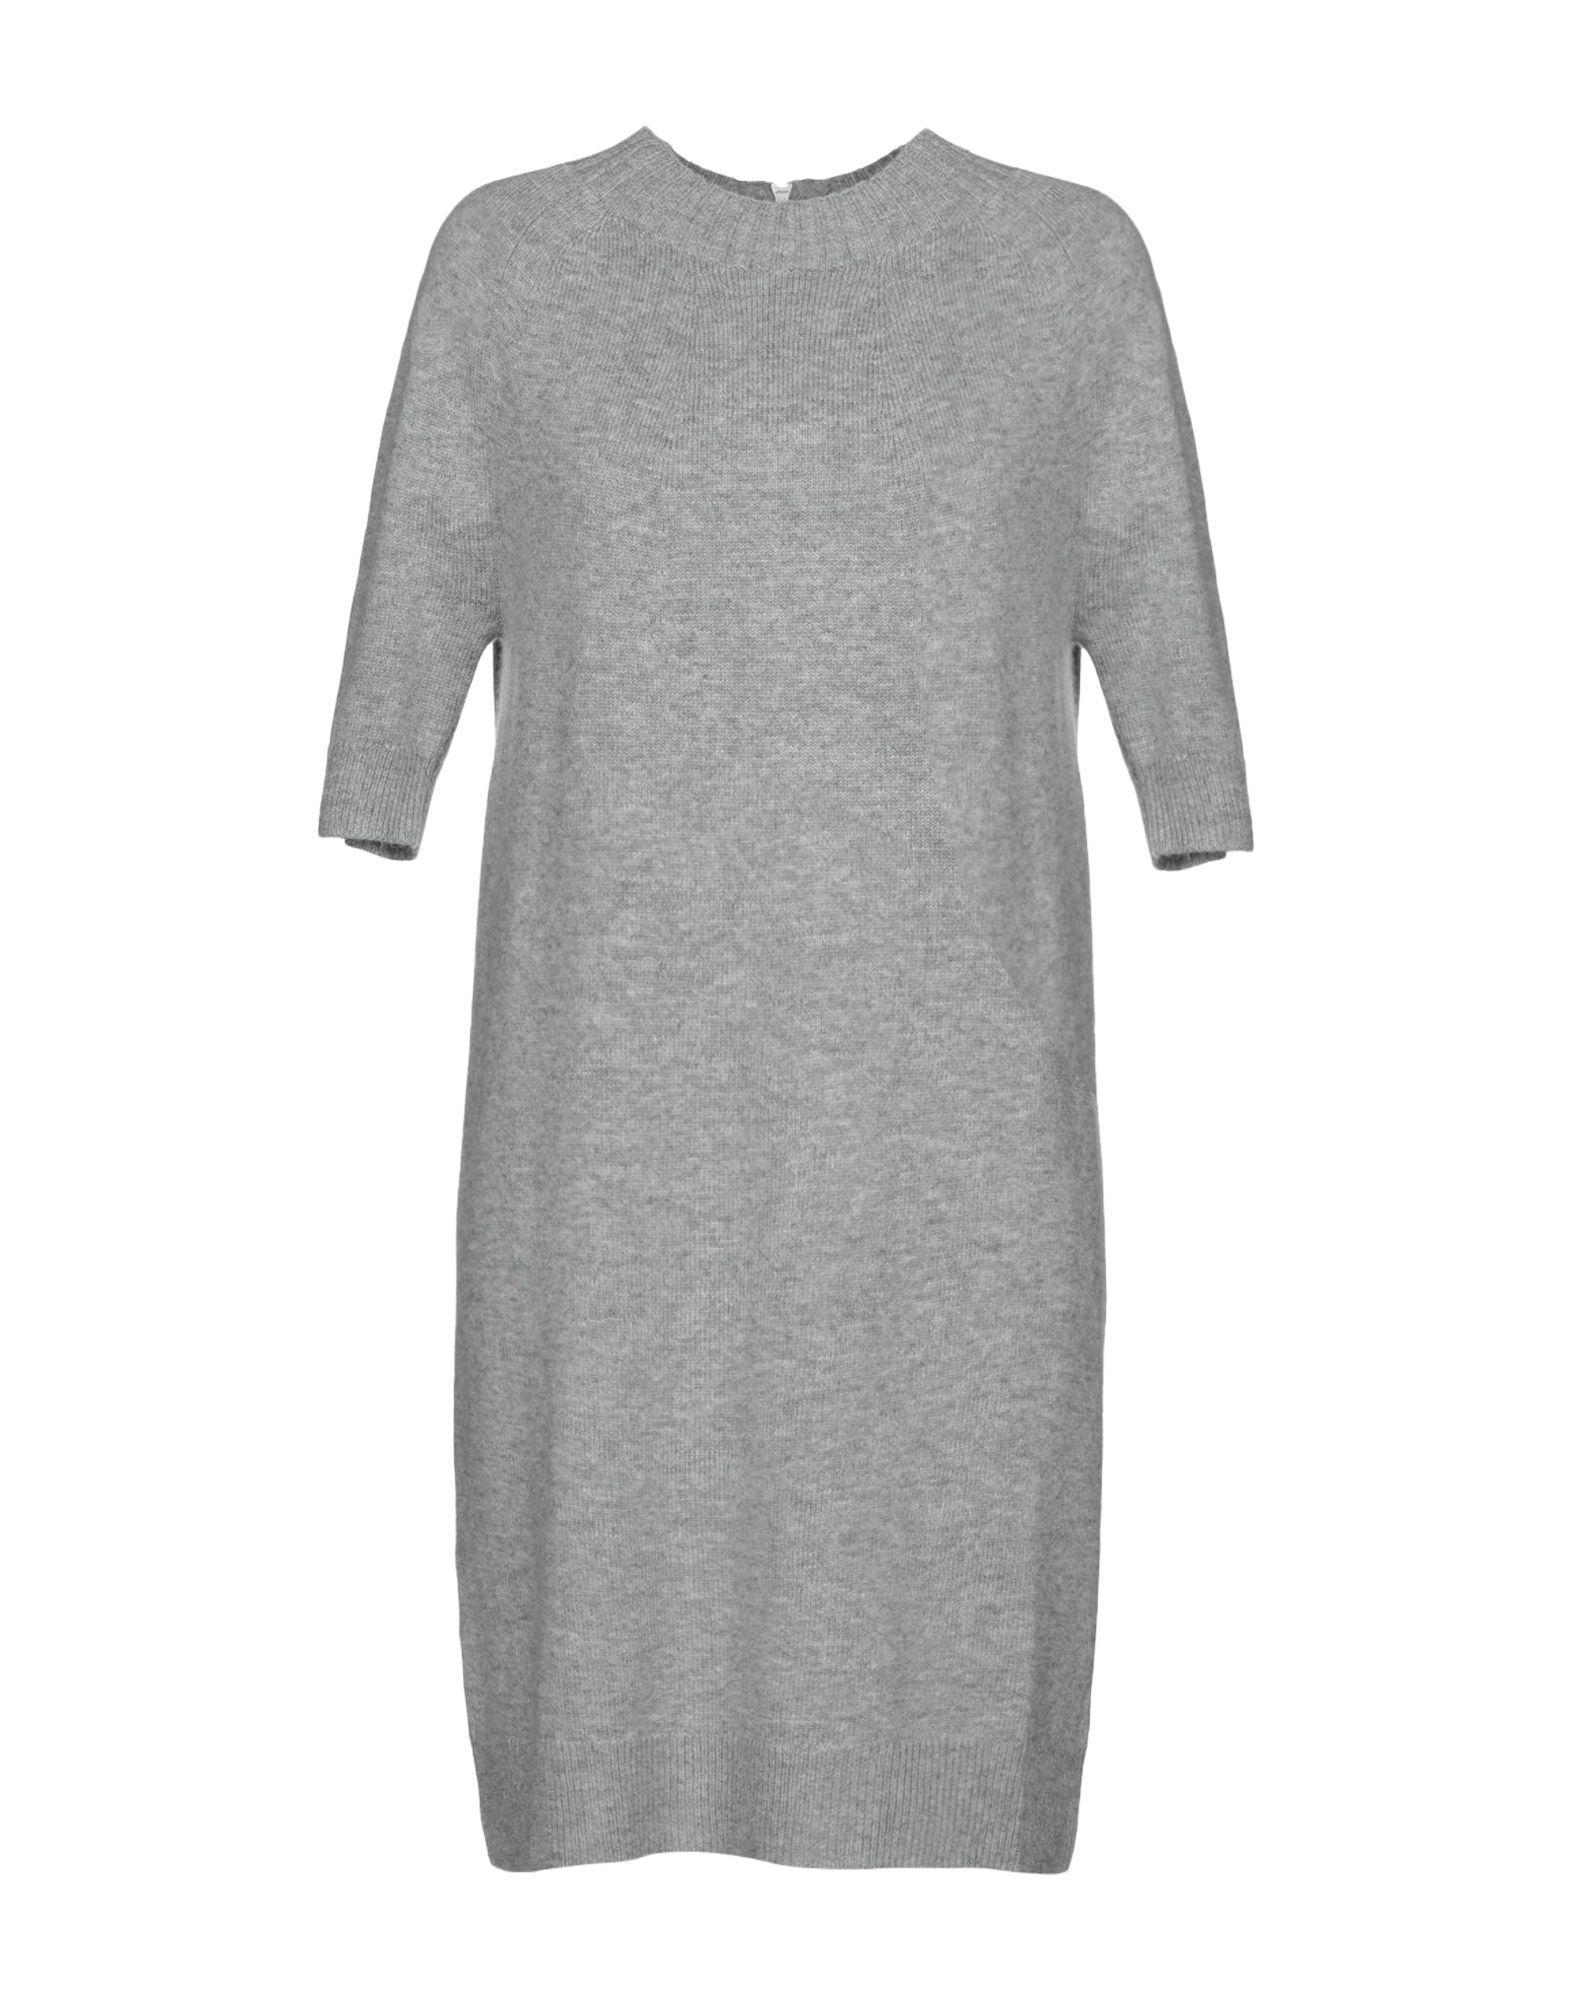 Короткое платье  - Серый,Черный цвет